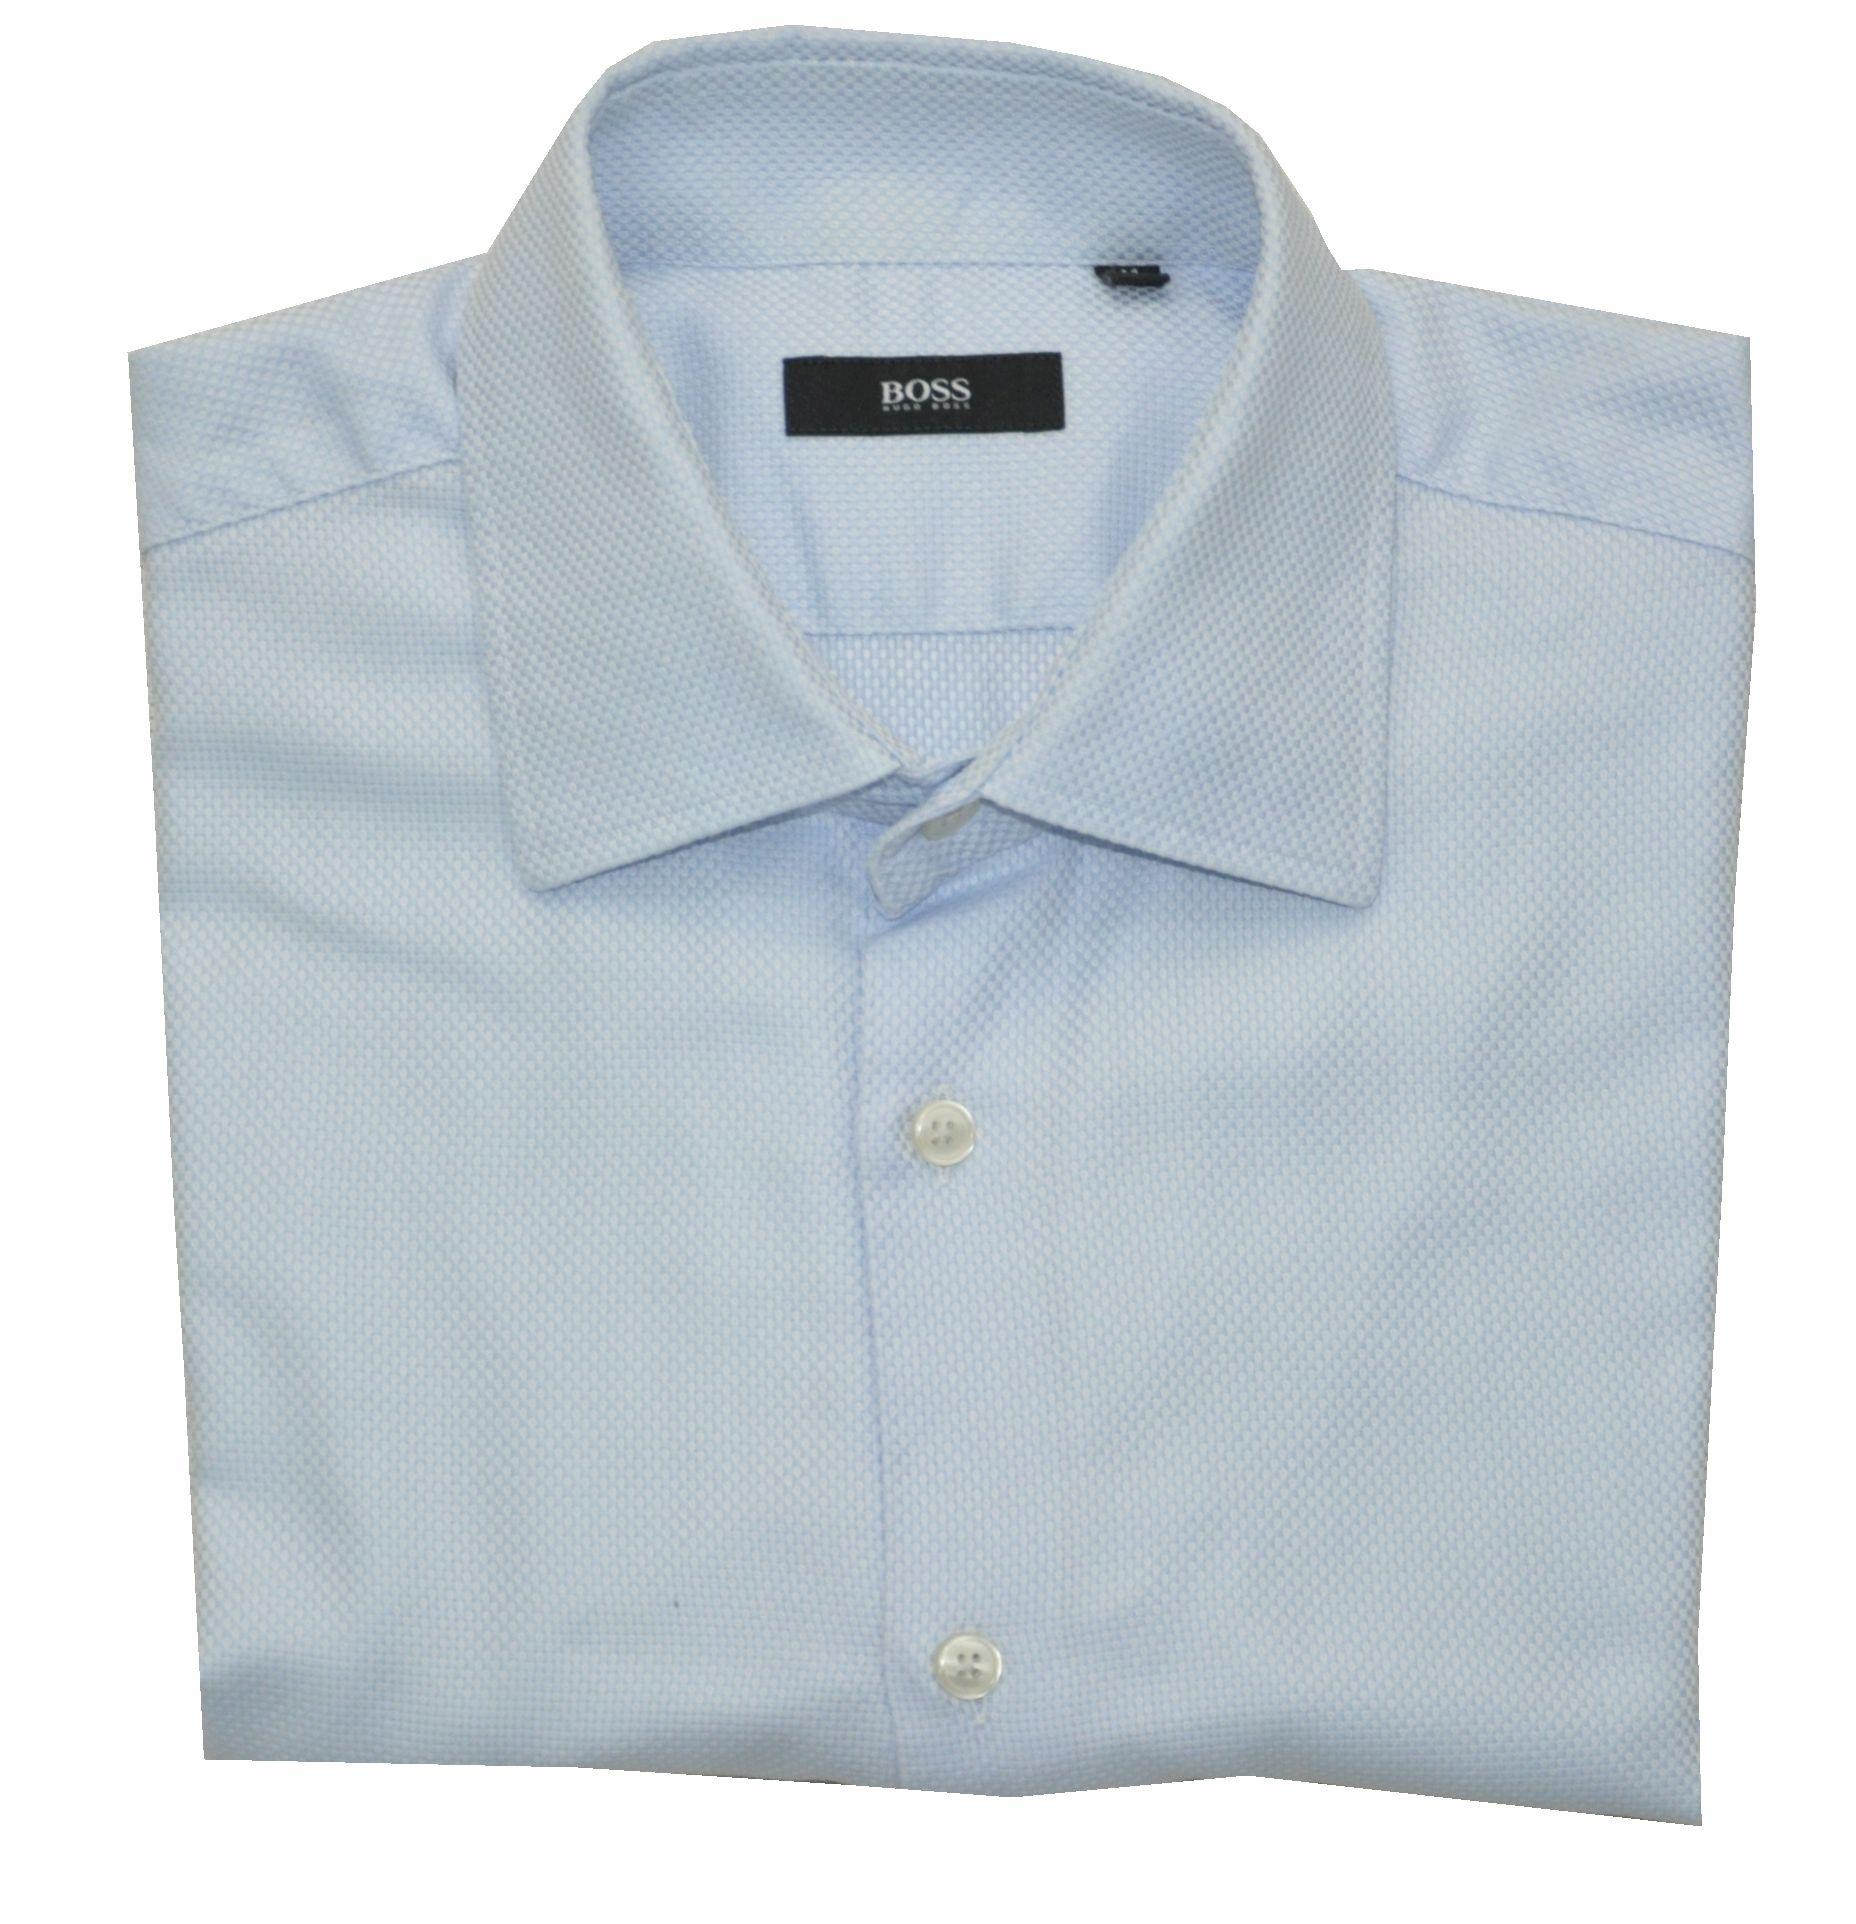 89cb2d7355d23 HUGO BOSS elegancka koszula męska M 41 spinki - 7076679096 ...